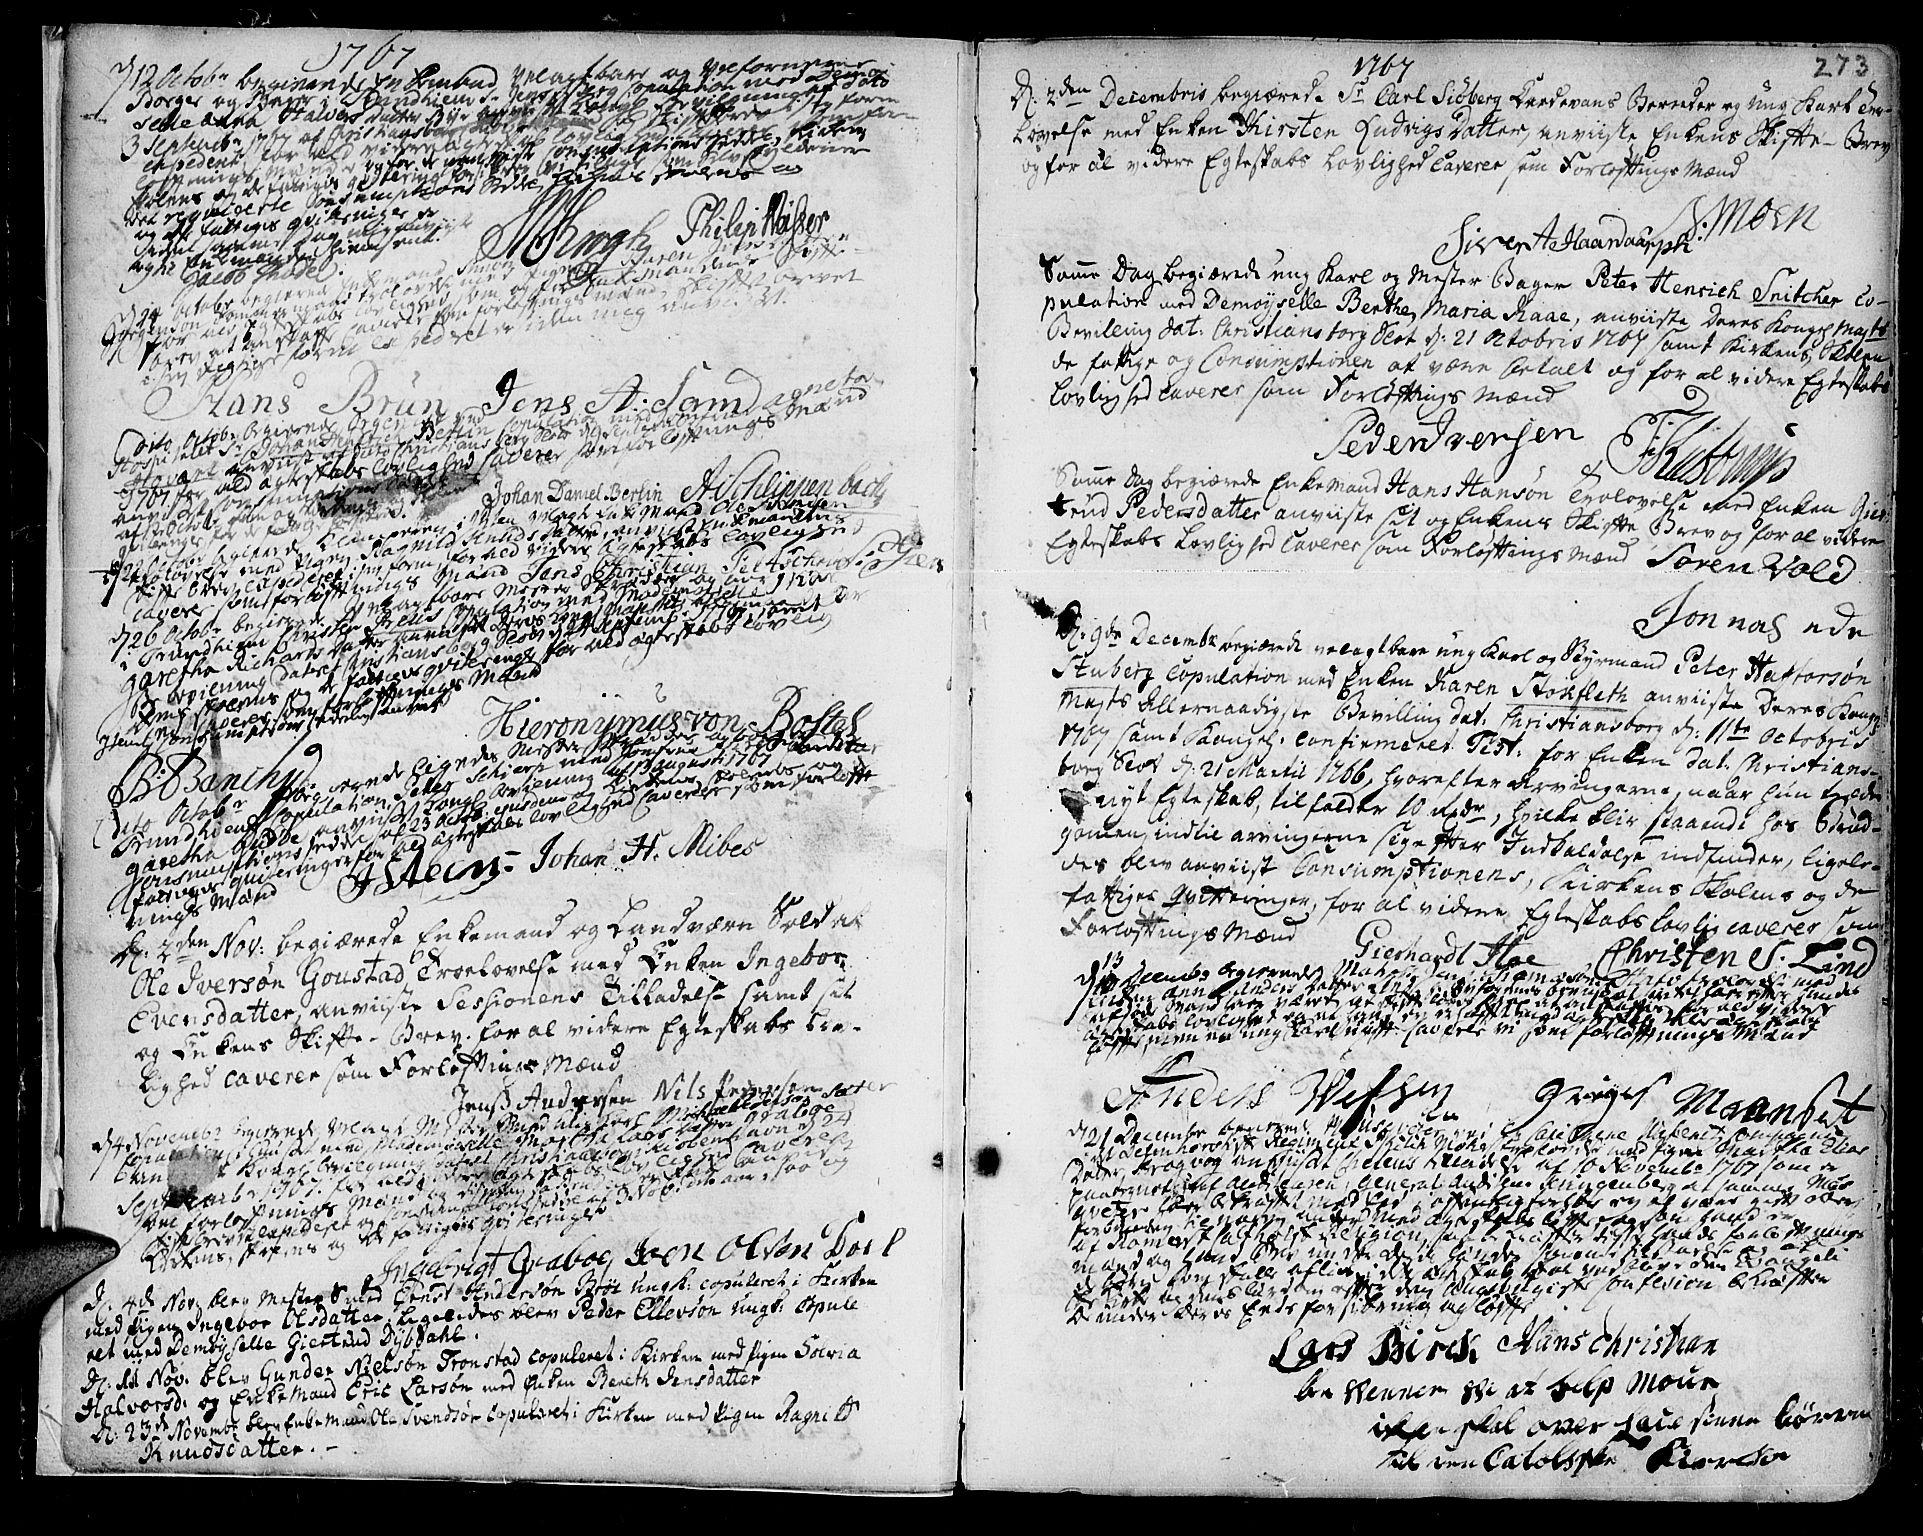 SAT, Ministerialprotokoller, klokkerbøker og fødselsregistre - Sør-Trøndelag, 601/L0038: Ministerialbok nr. 601A06, 1766-1877, s. 273